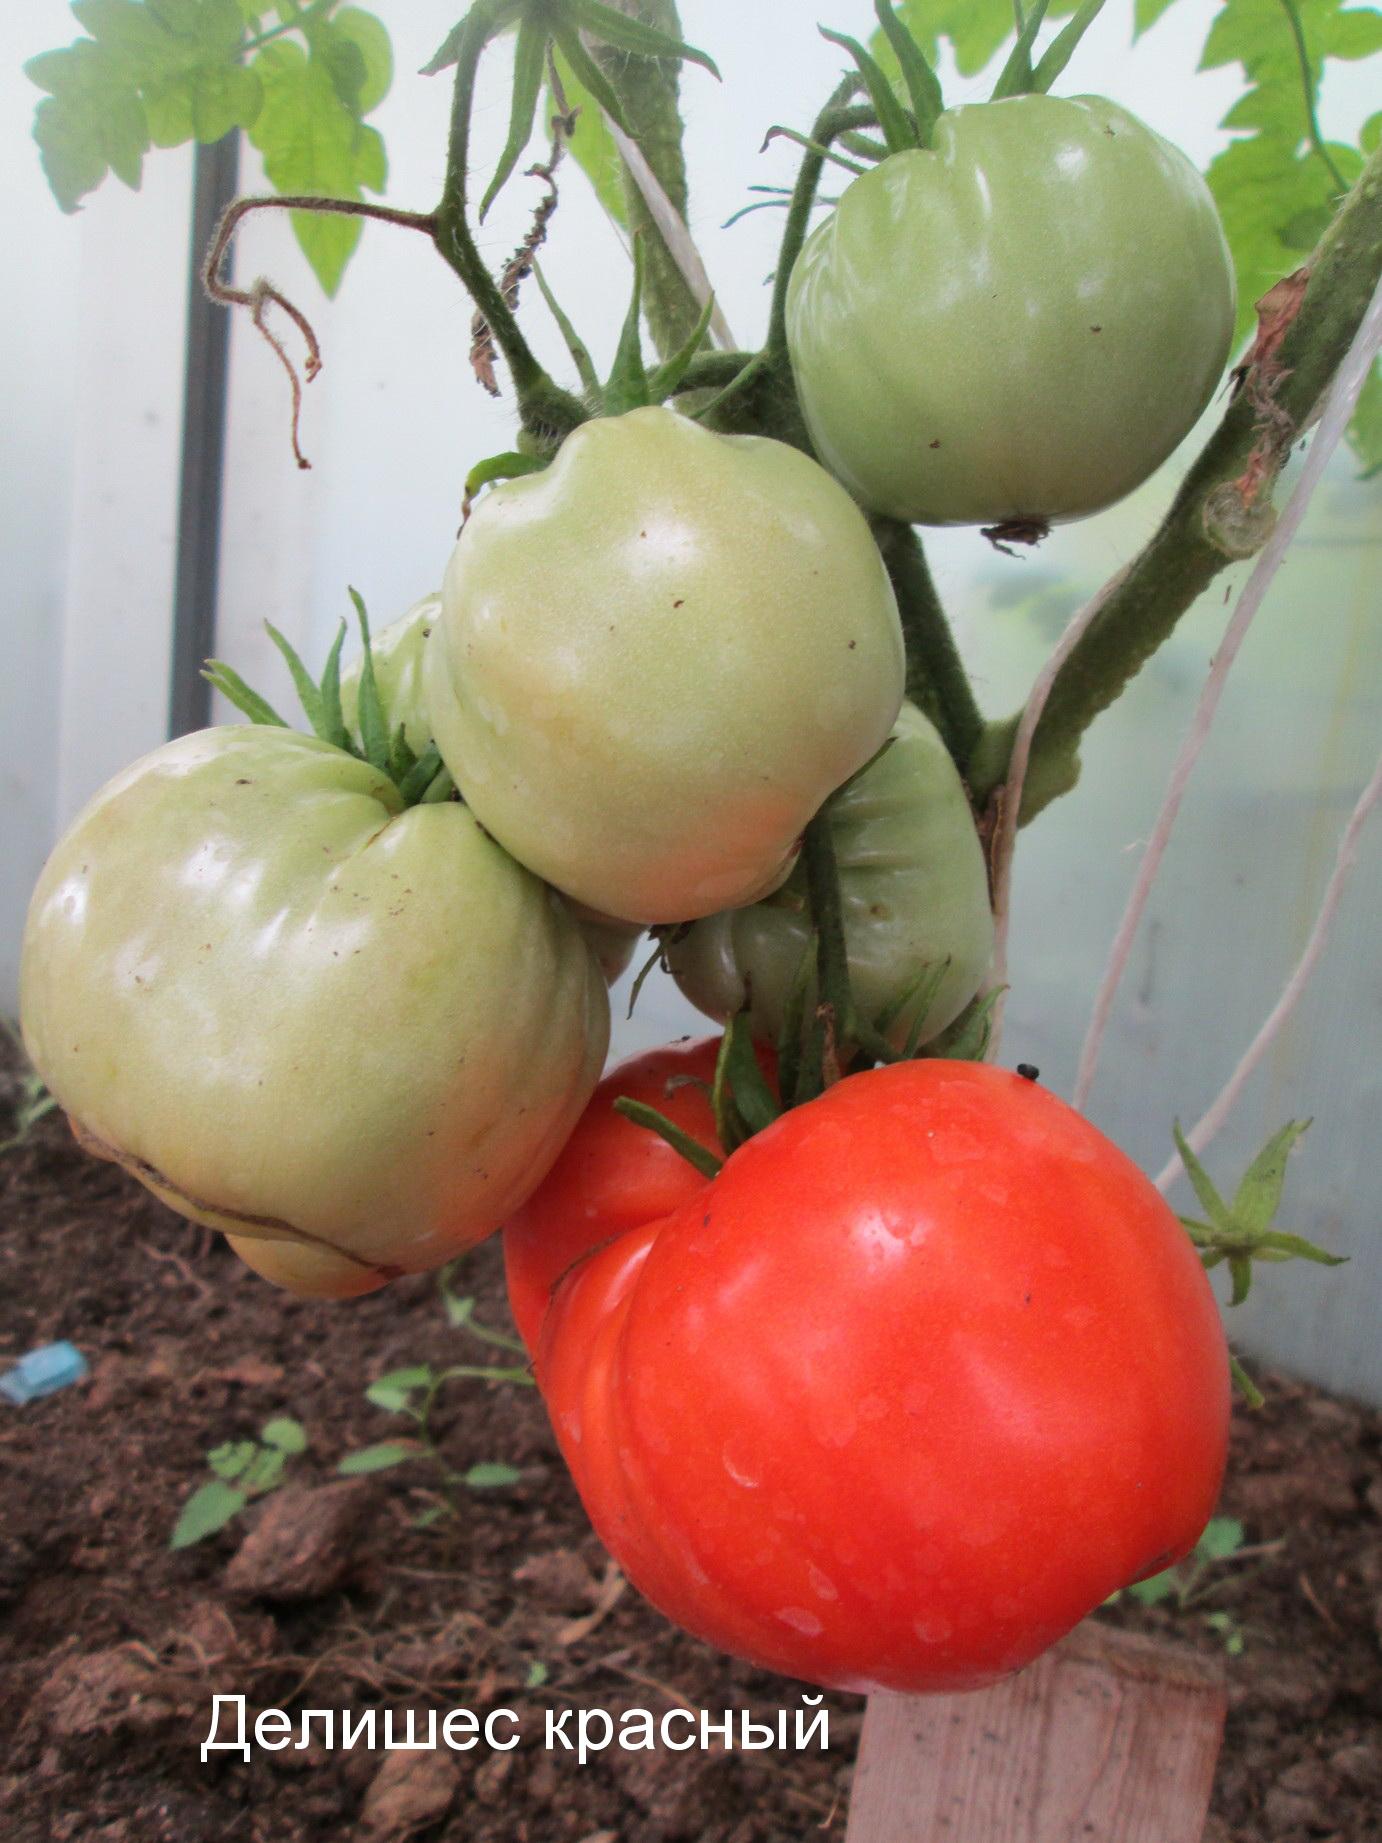 Сорт делишес томат